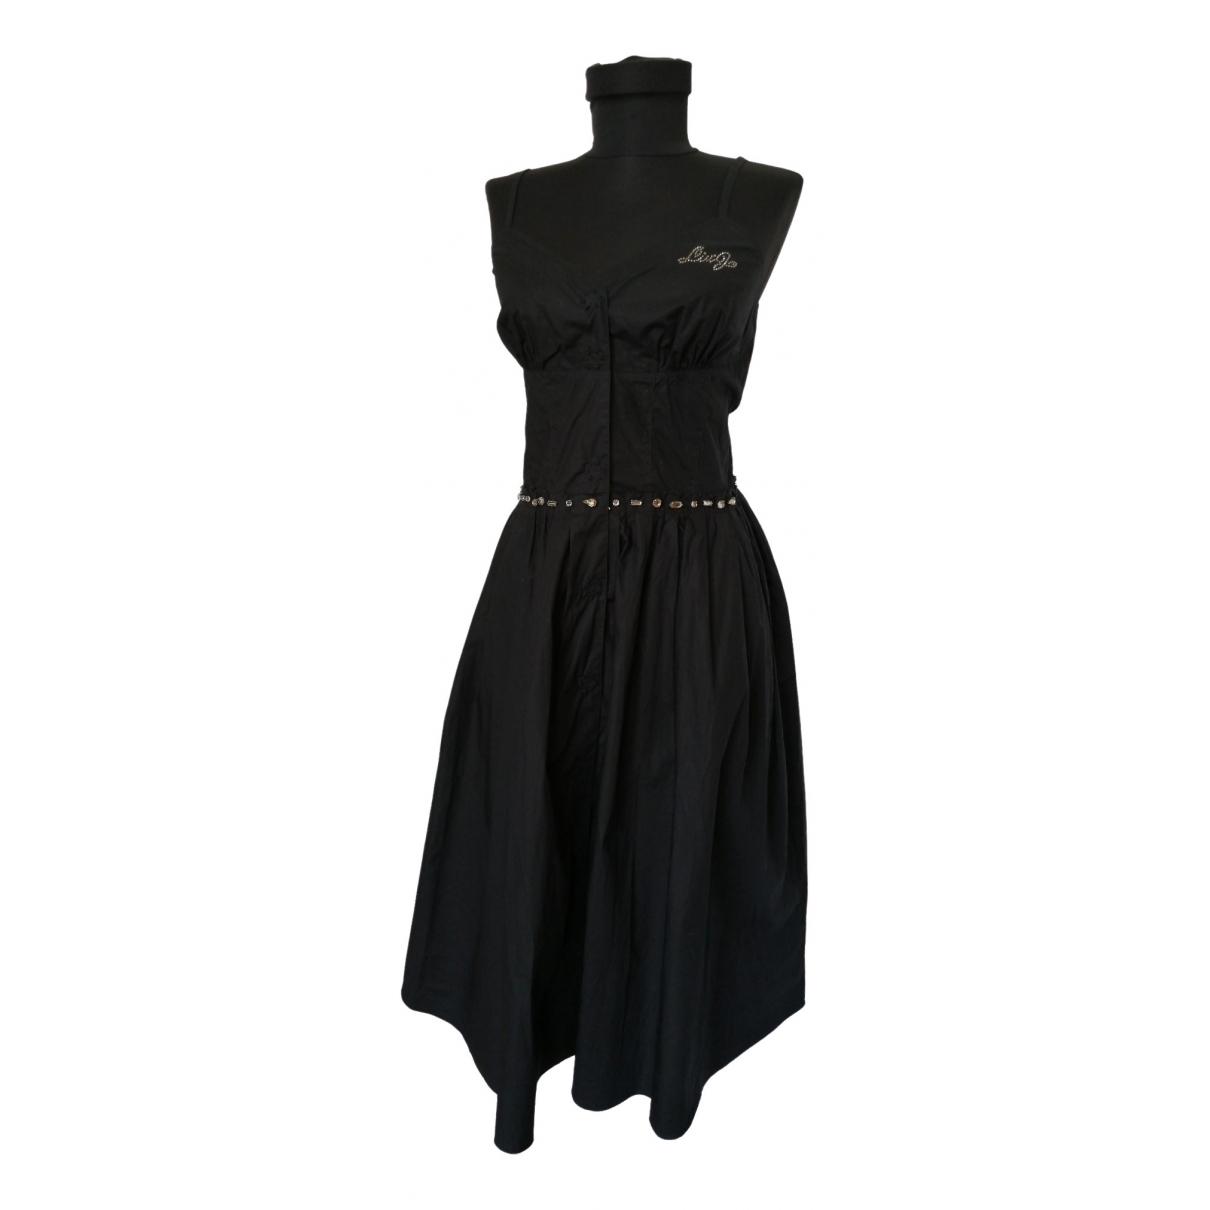 Liu.jo \N Black Cotton dress for Women 44 IT